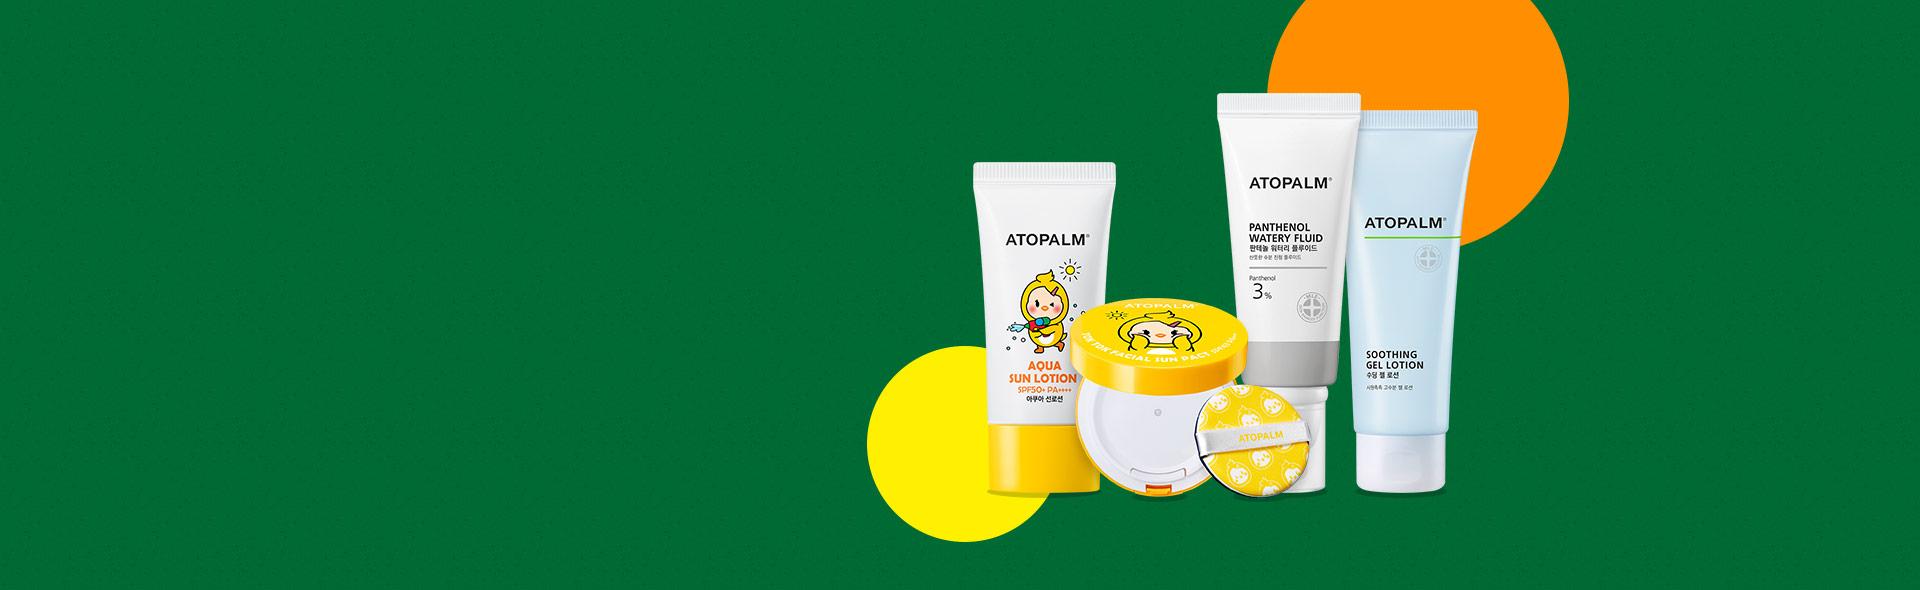 아토팜 선&진정 ~50%+샘플킷증정 이미지 2